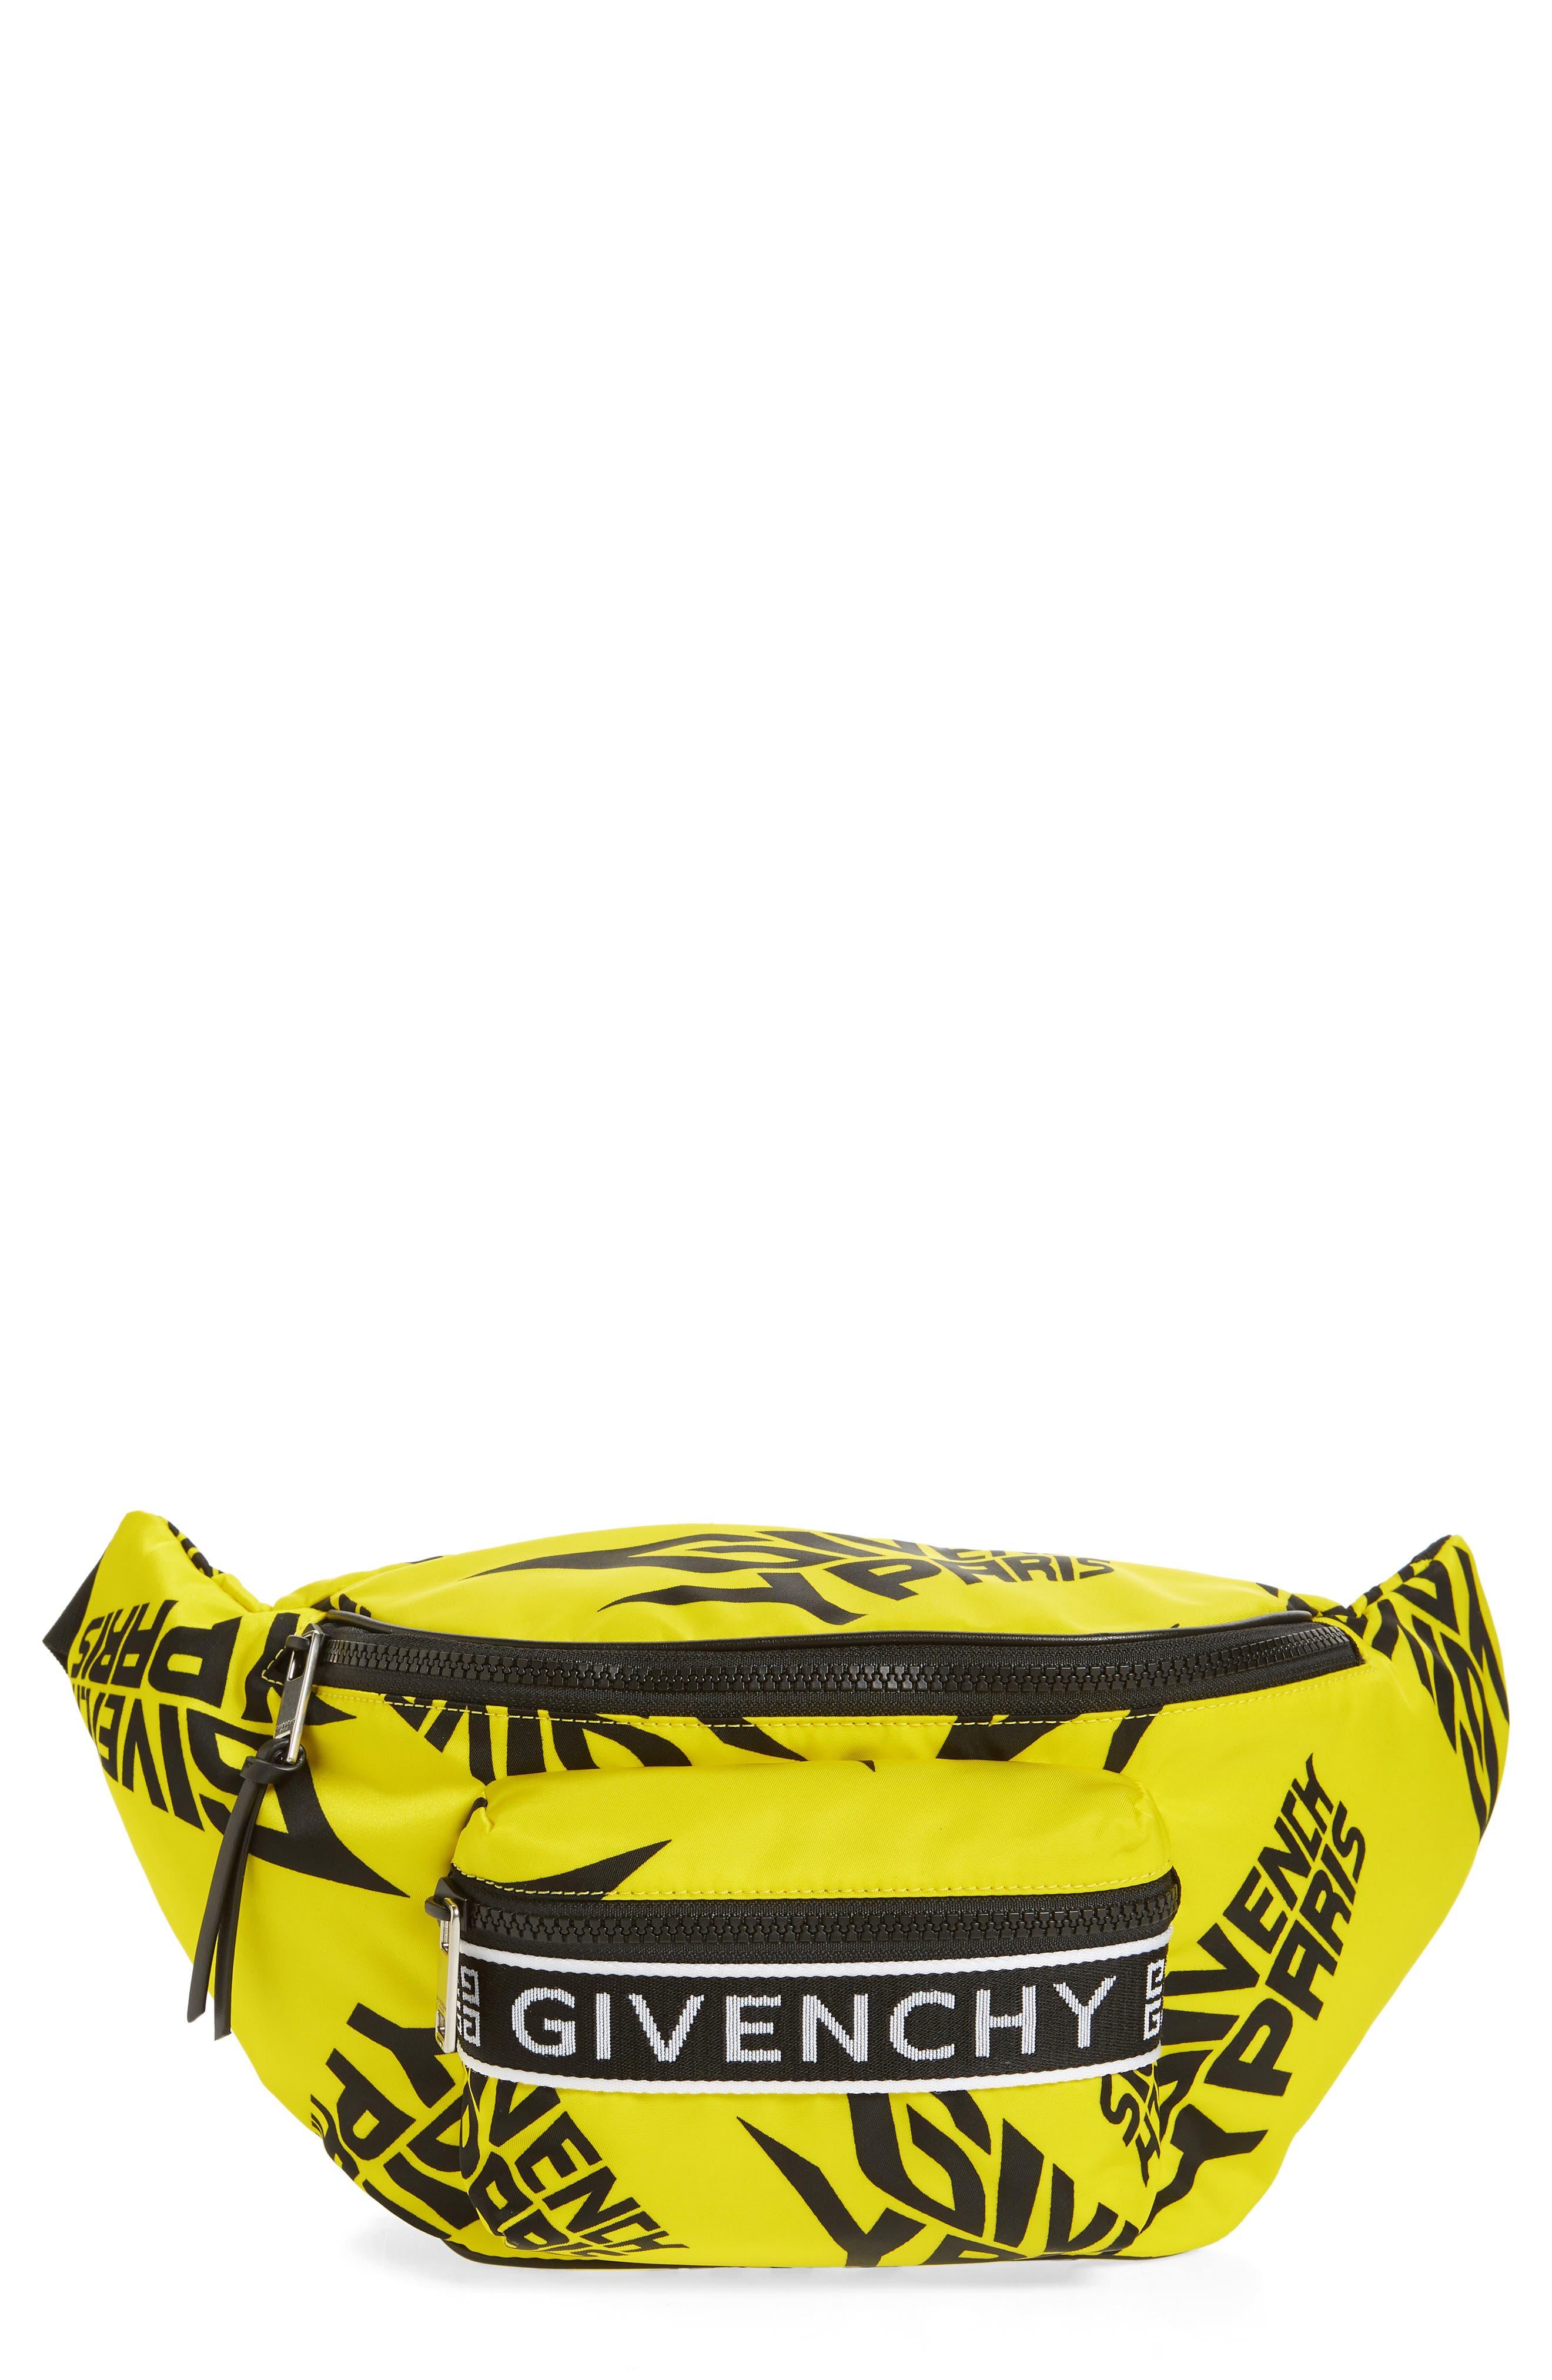 Givenchy Belt-bags Light 3 Large Belt Bag